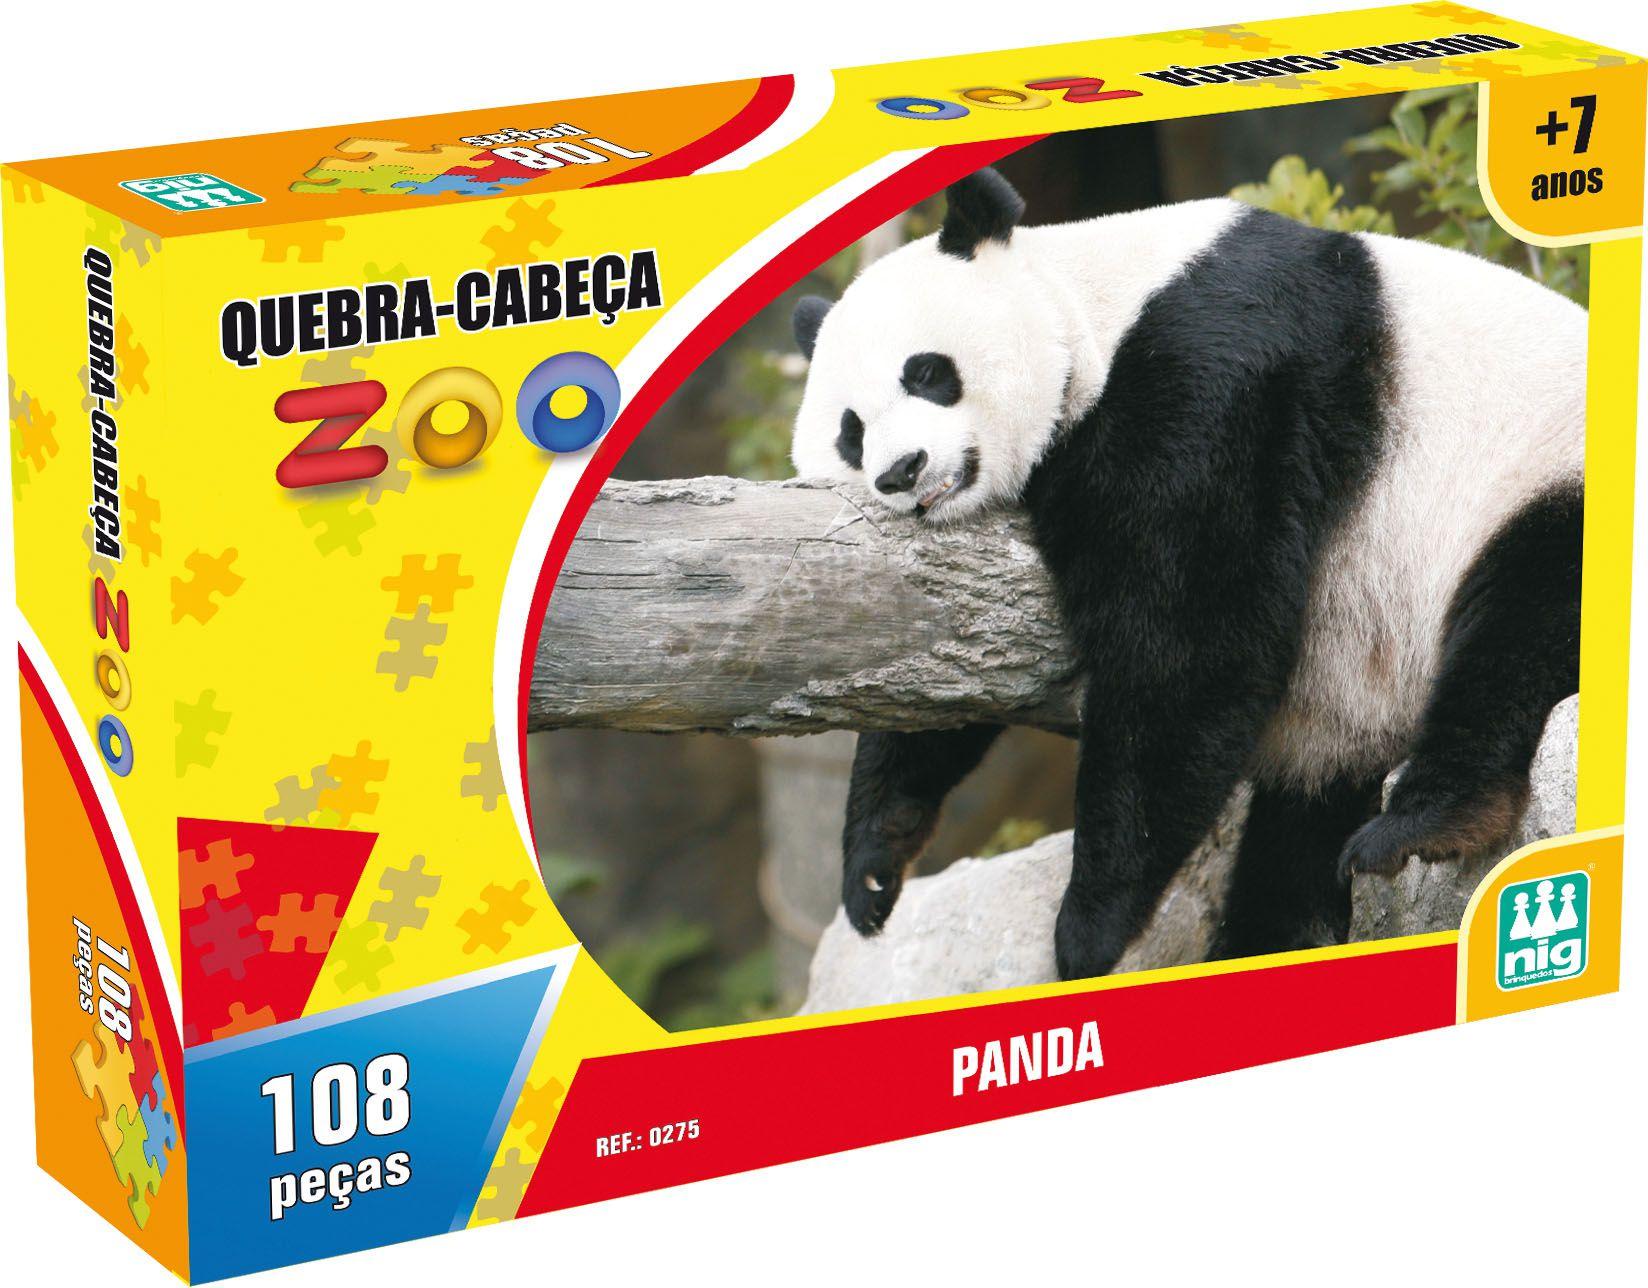 Quebra-Cabeça Zoo - Panda - 108 Peças - Nig Brinquedos